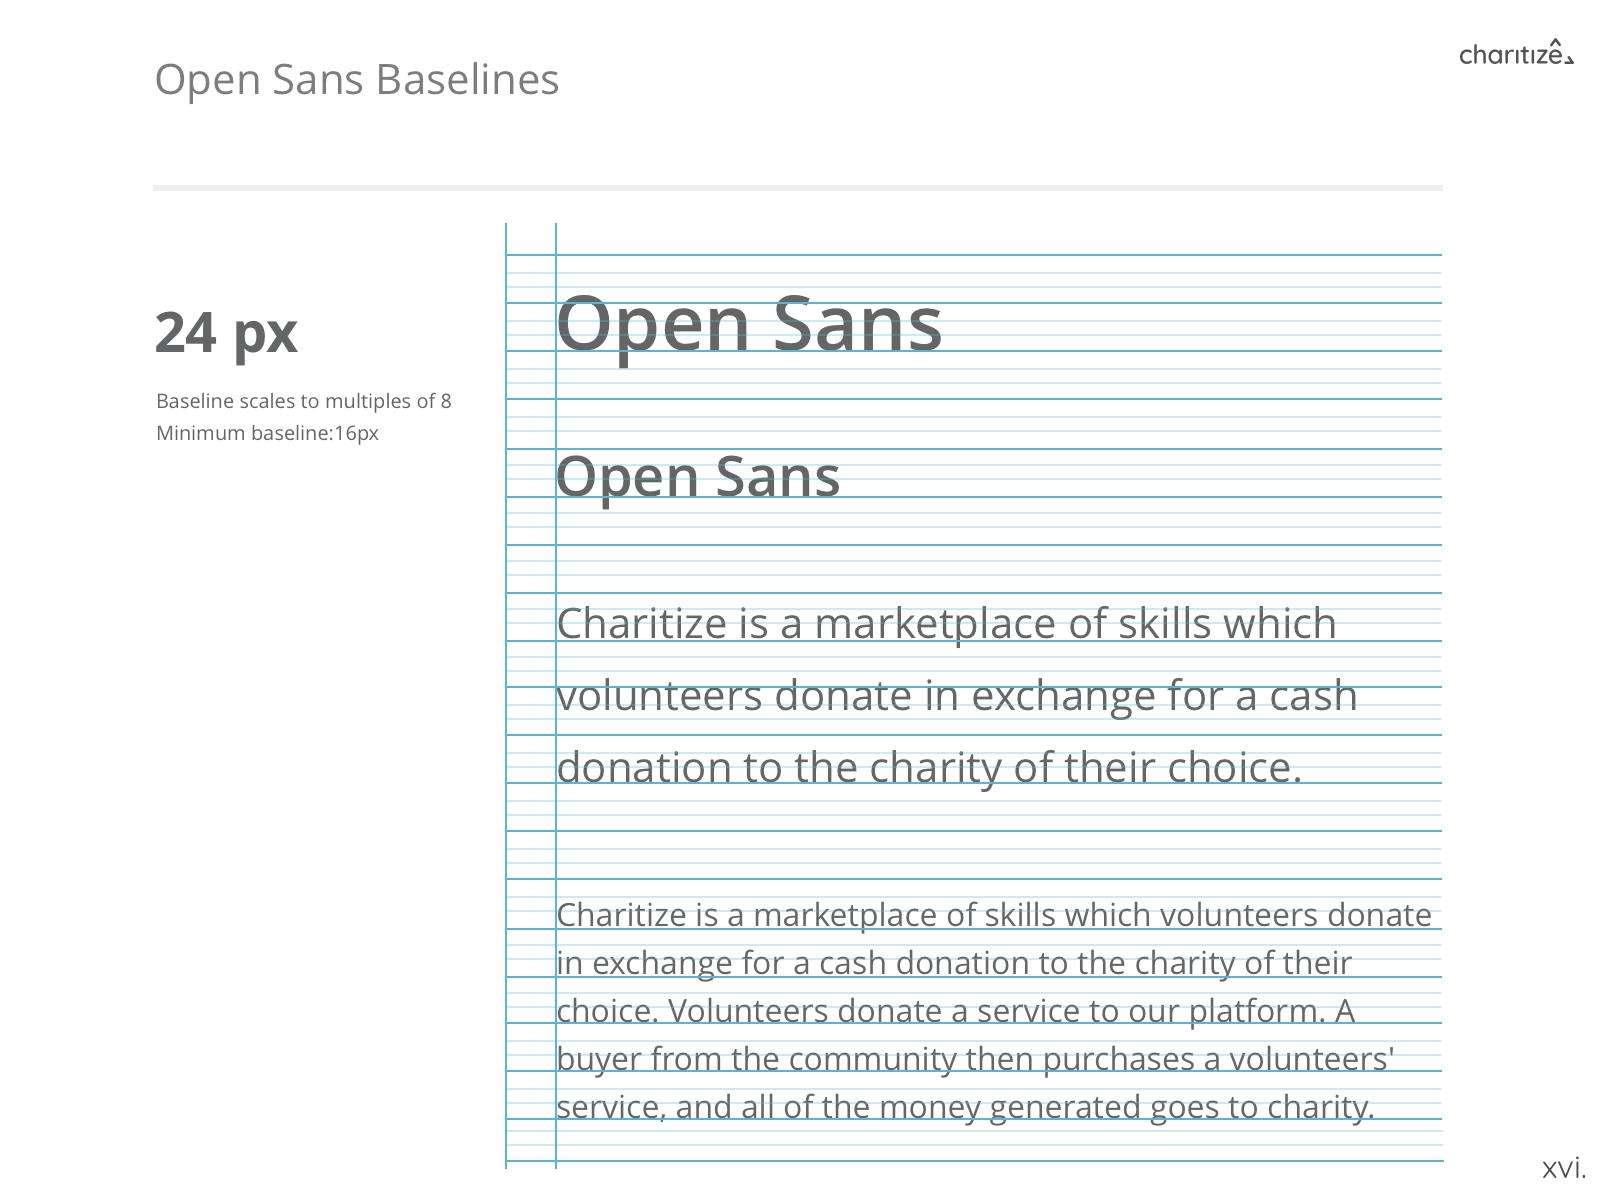 Open Sans Baselines.png